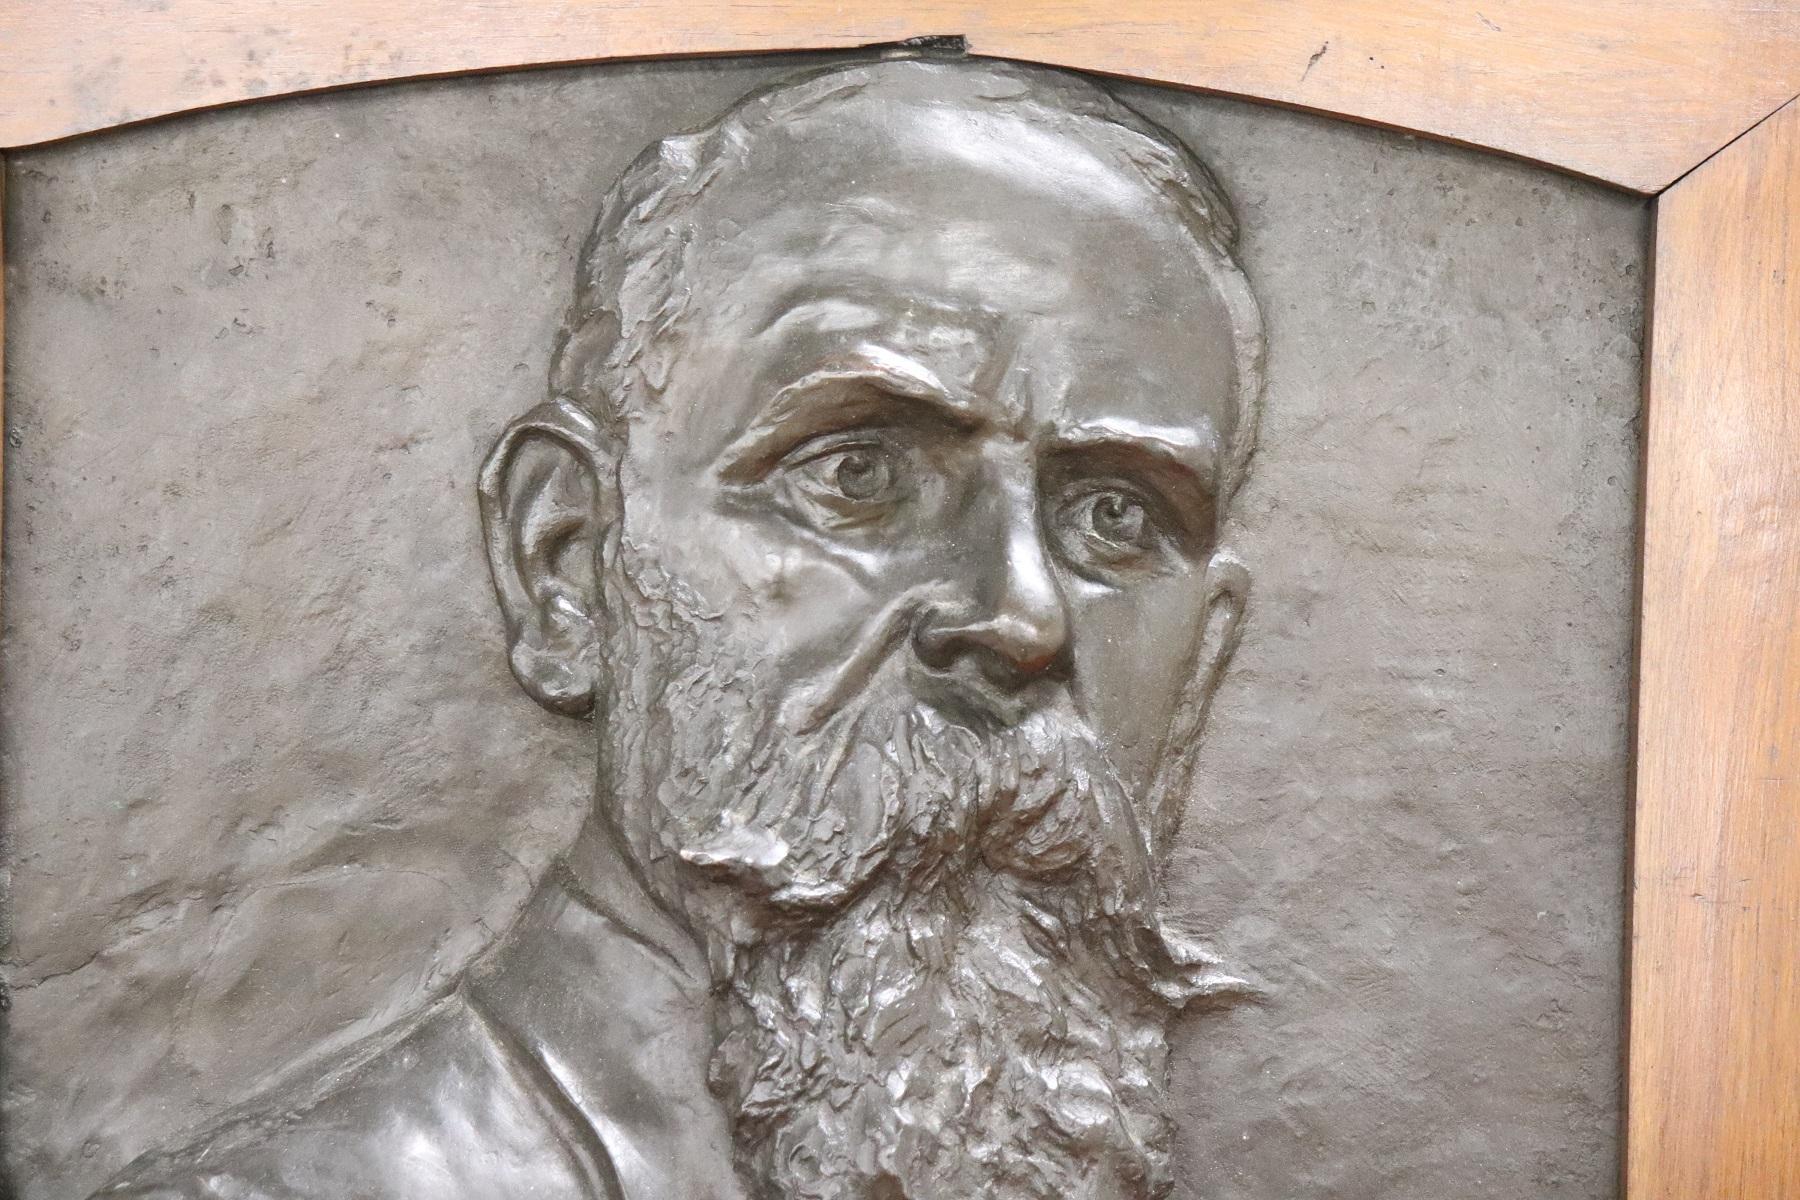 thumb2 Scultura in bronzo ritratto di gentiluomo inizi Sec. XX PREZZO TRATTABILE